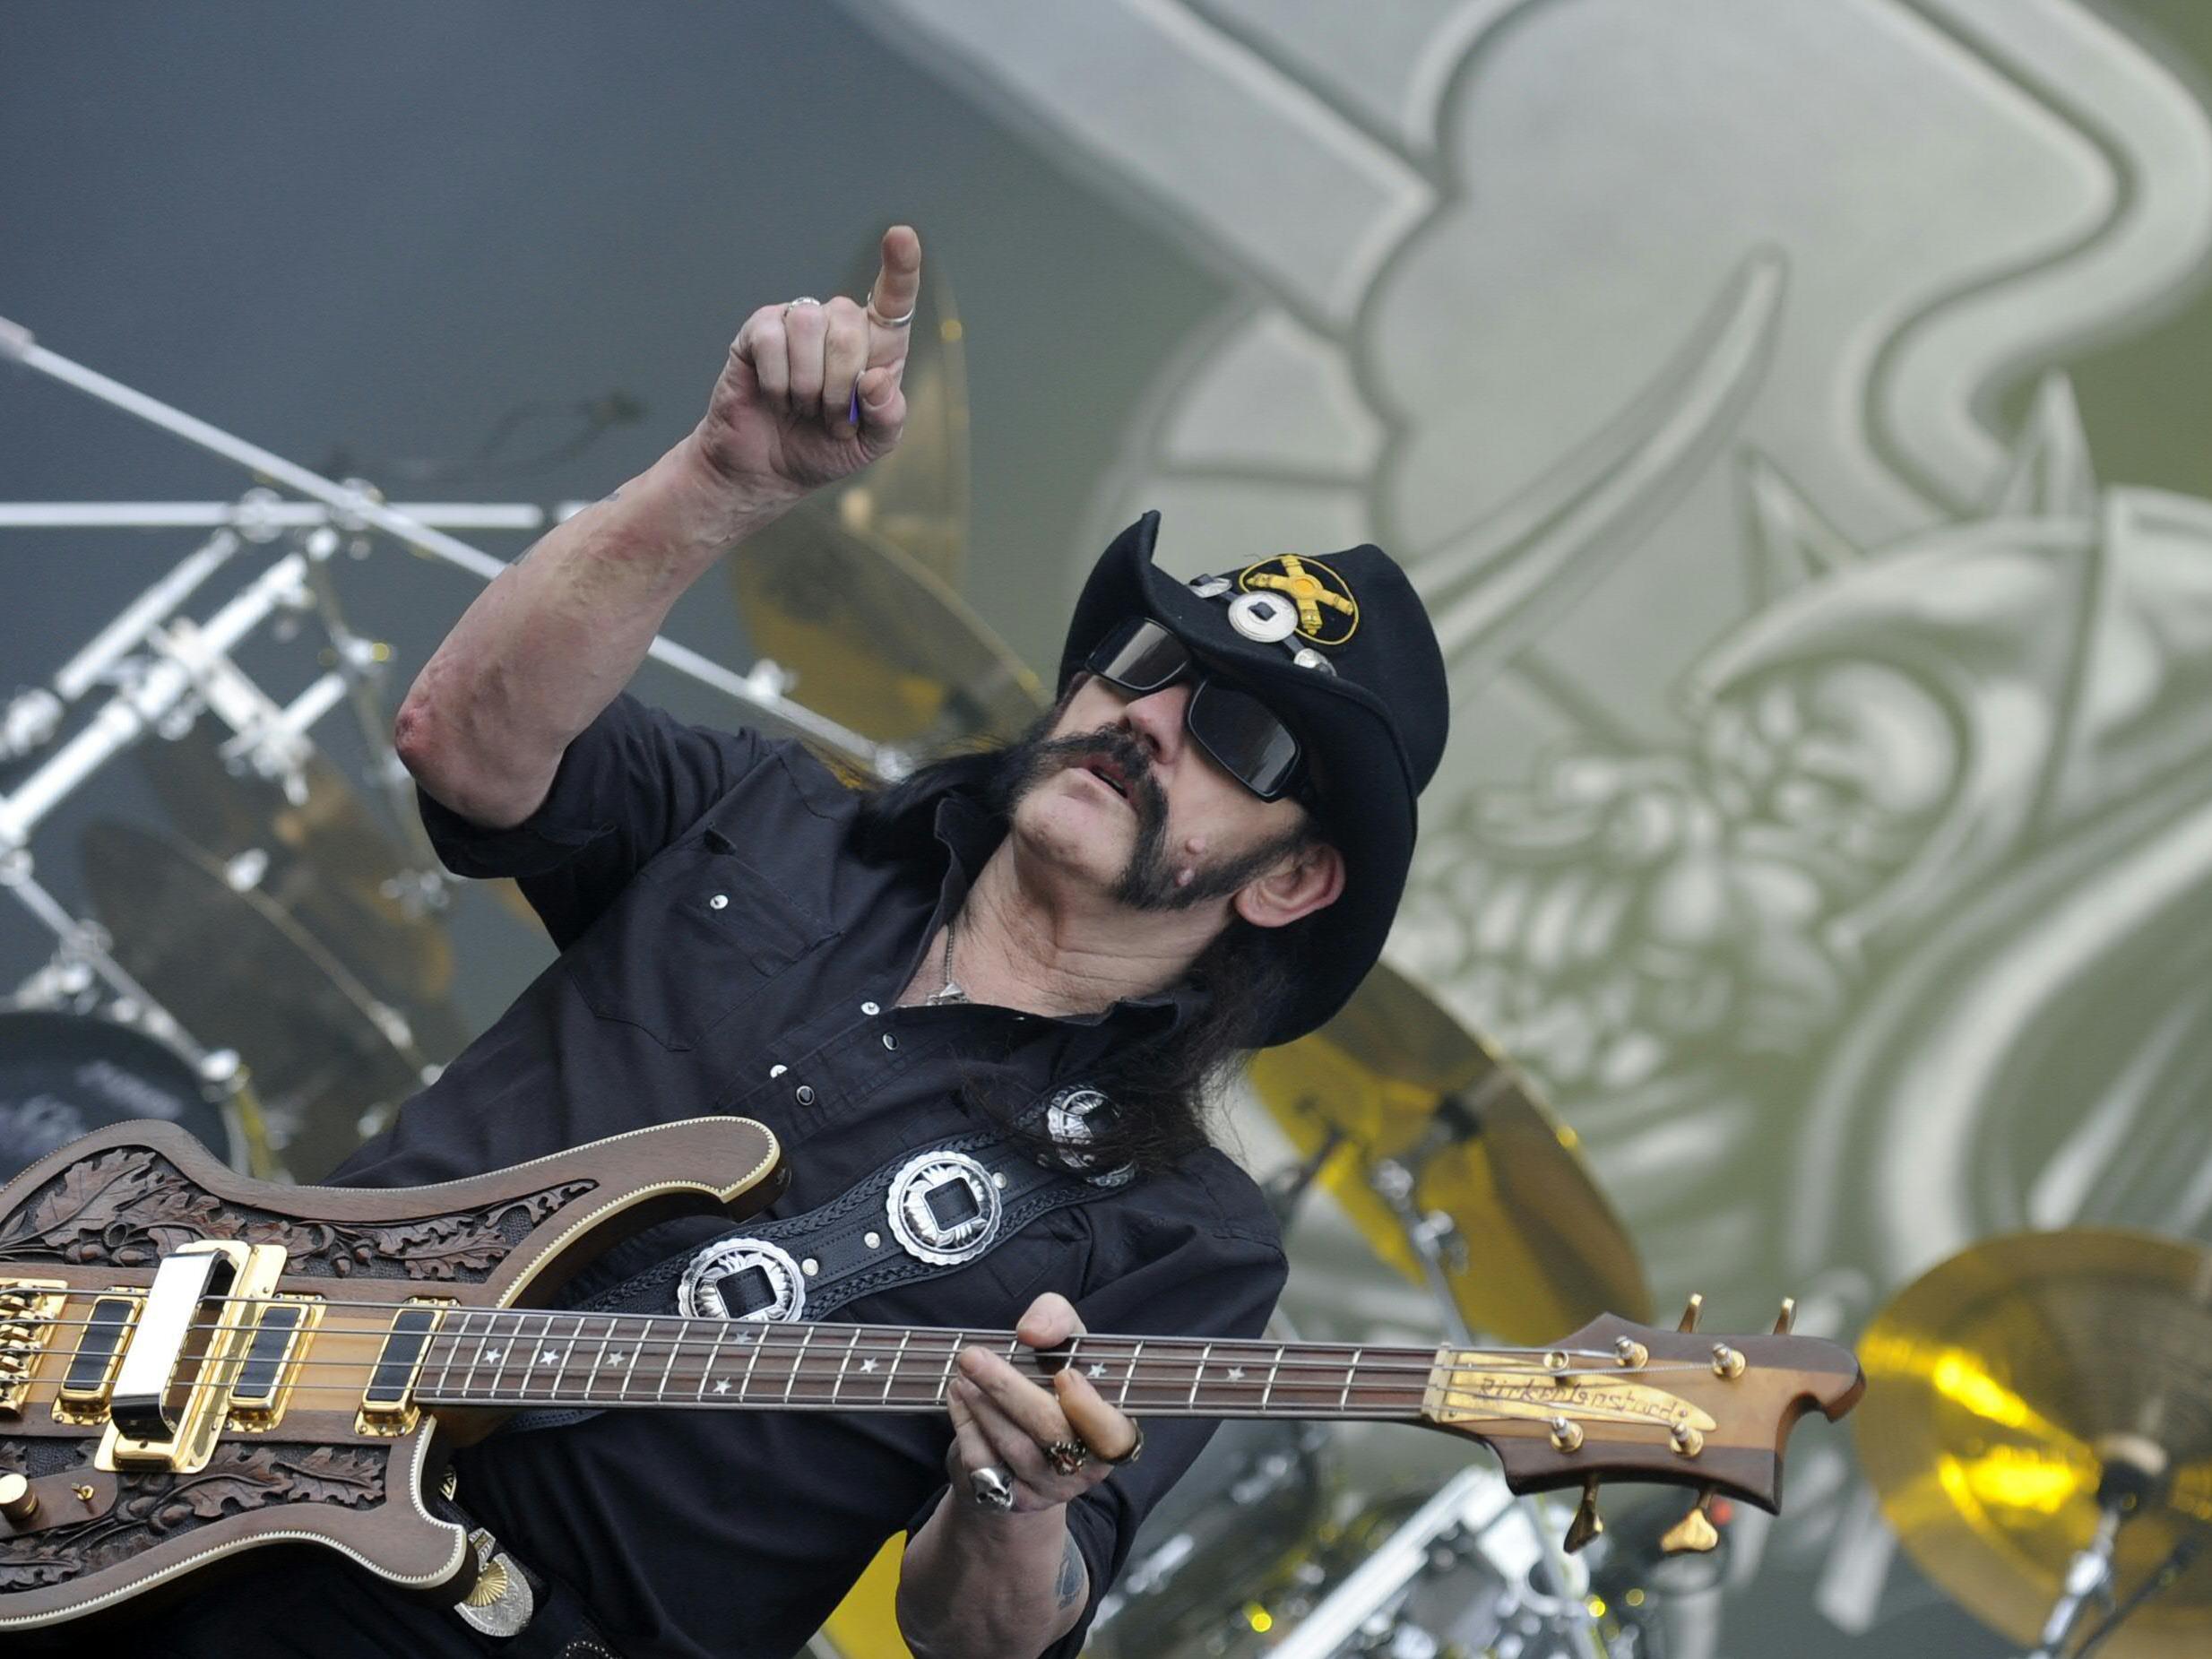 Rocklegende Kilmister Ende Dezember kurz nach Krebsdiagnose verstorben.